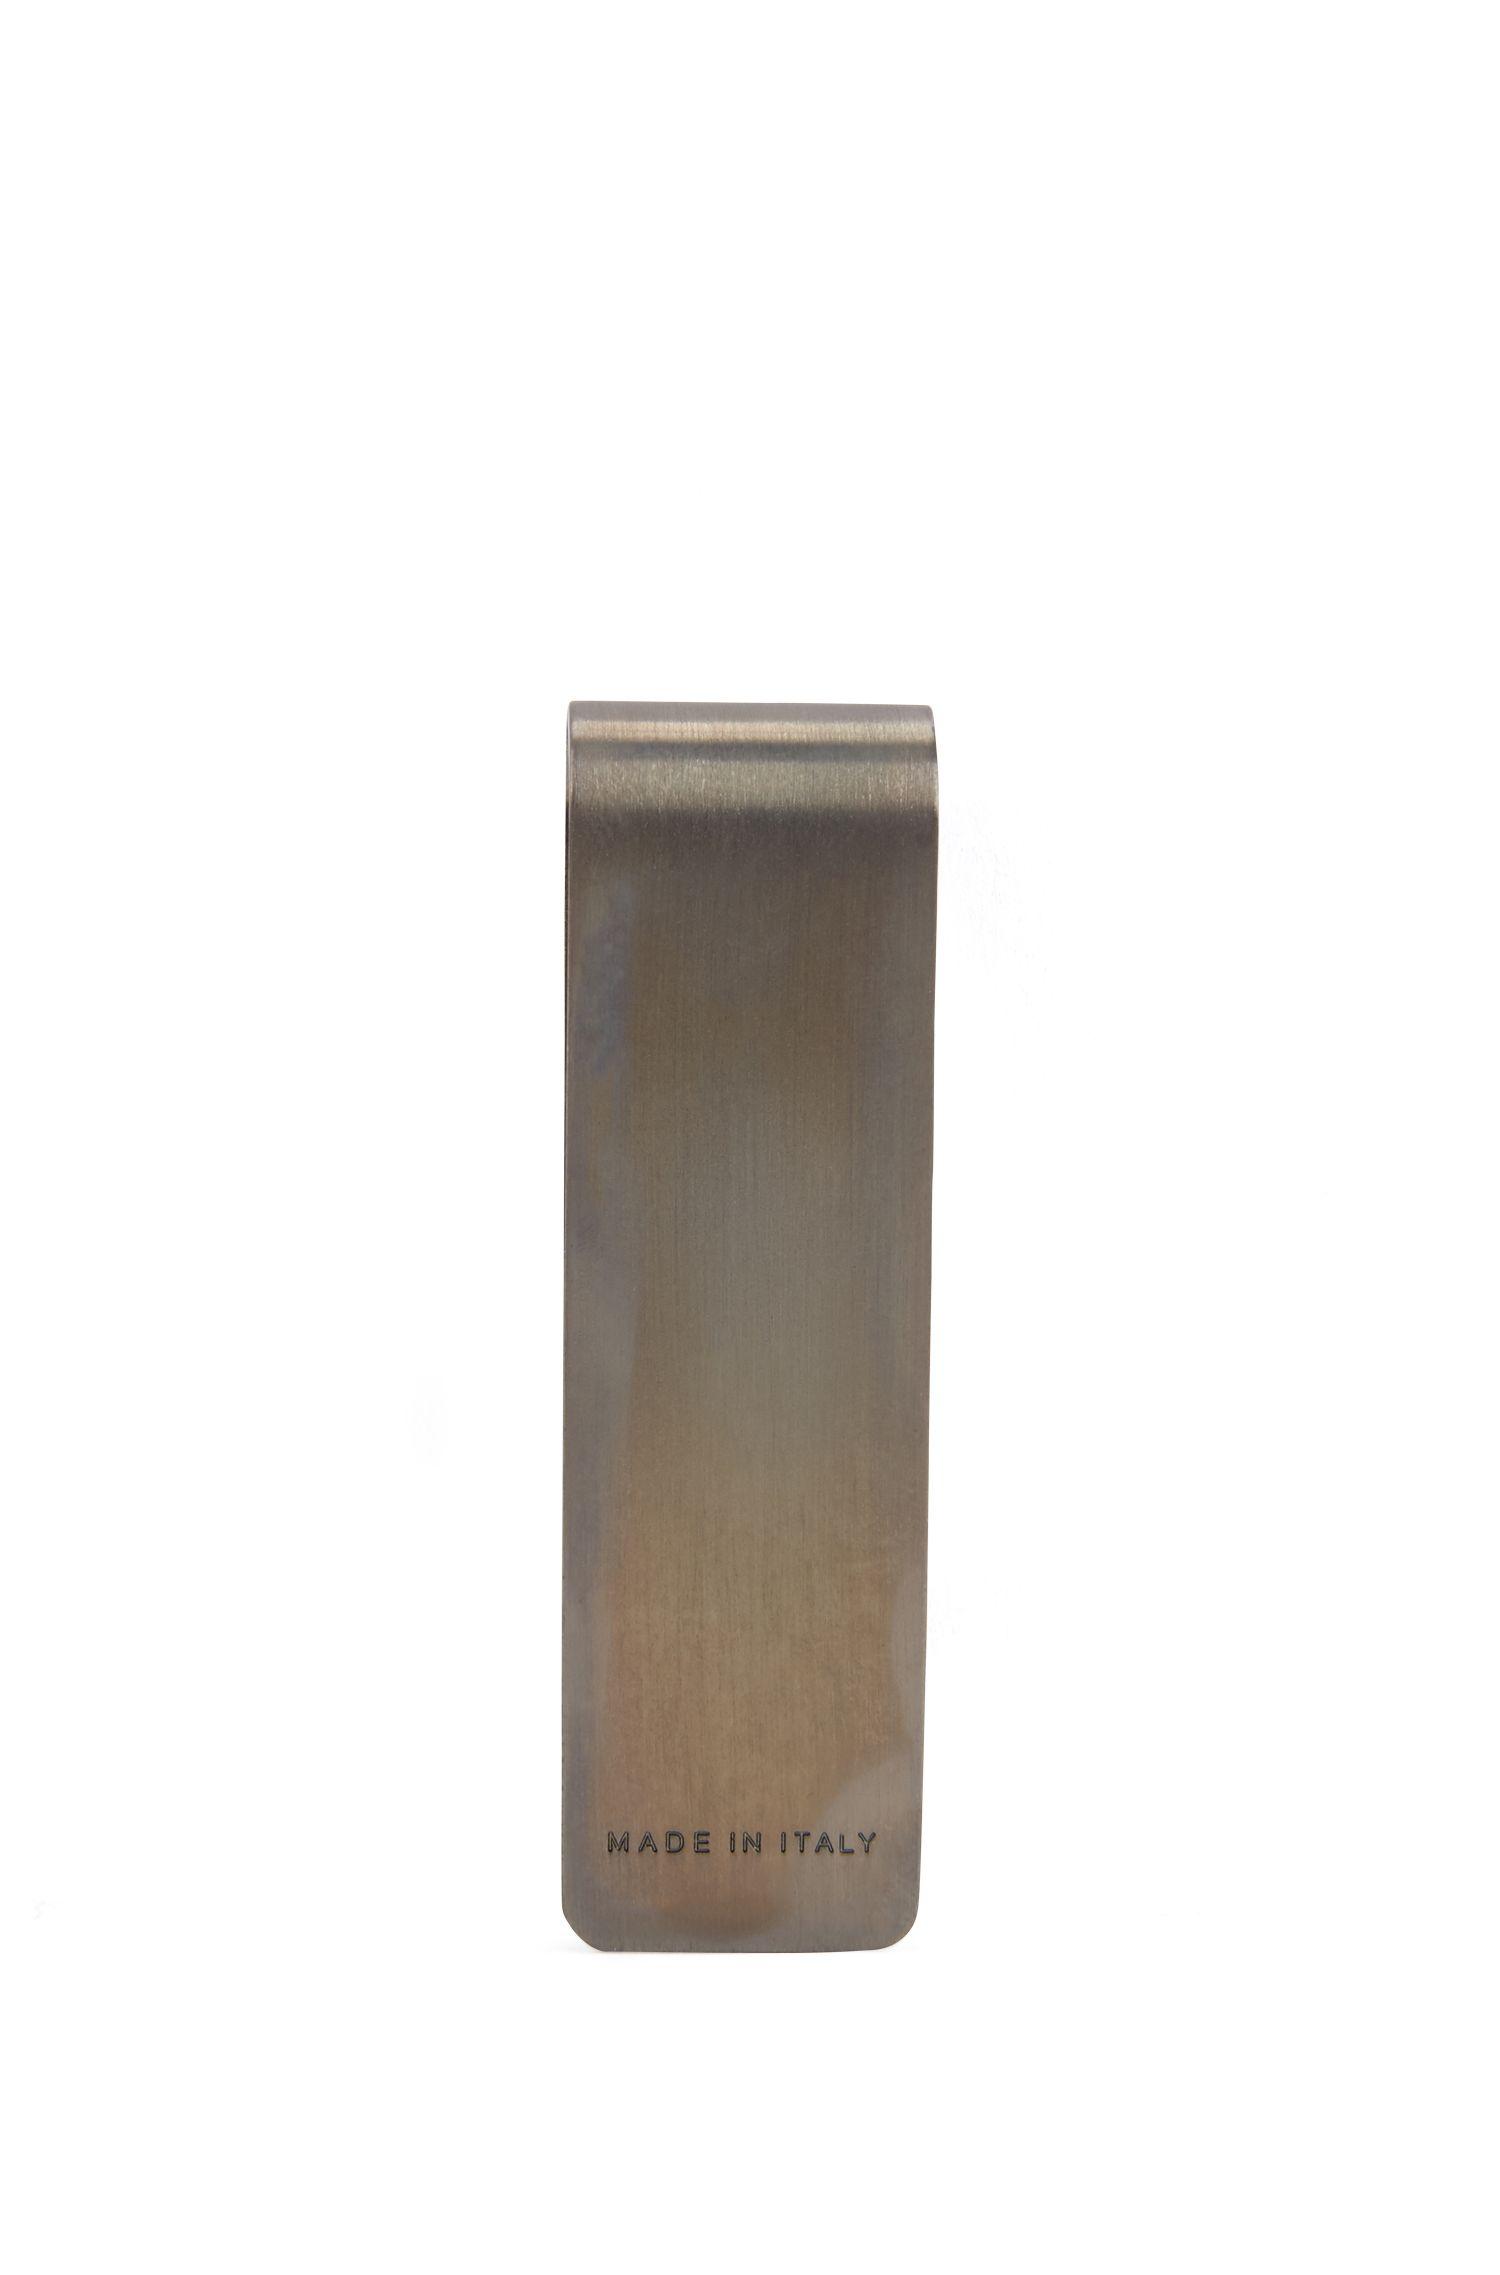 Pince à billets métallique avec rayures en émail l4YfR4iu0F